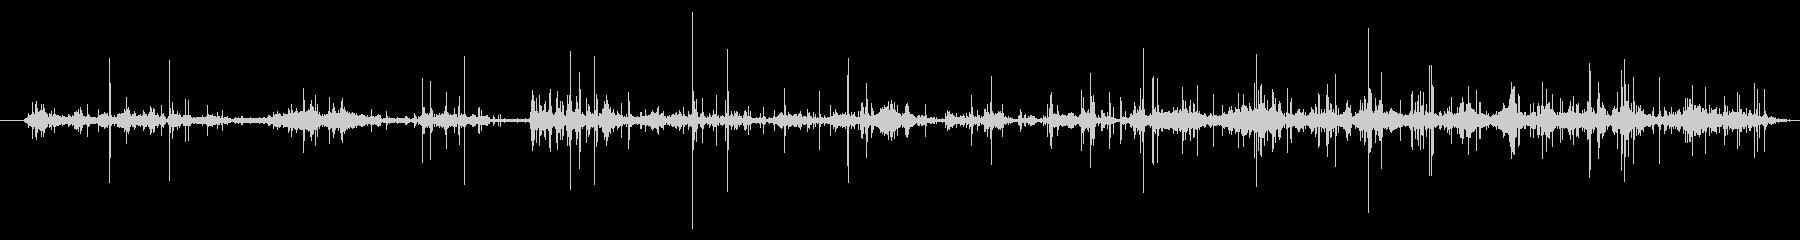 葉 ラッスルハード01の未再生の波形